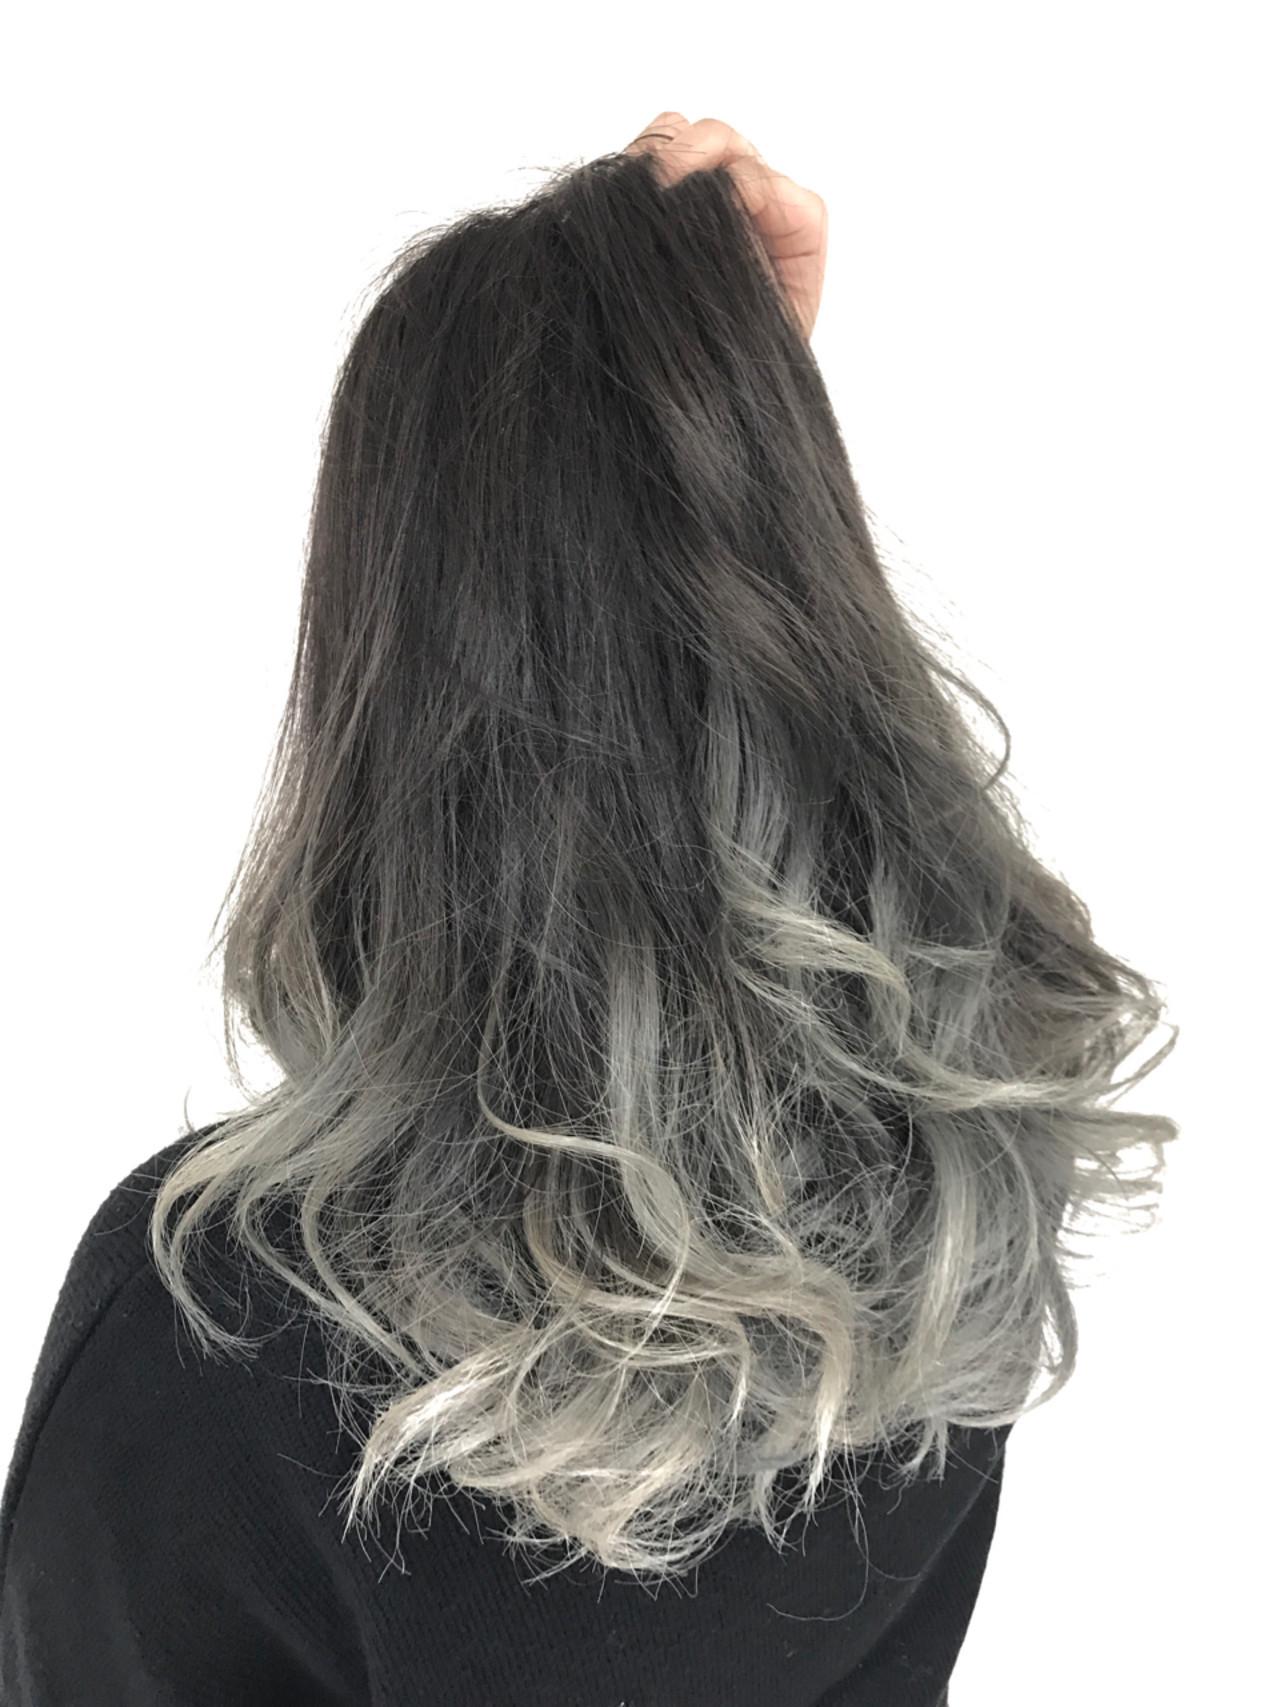 イルミナカラー グラデーションカラー グレージュ ロング ヘアスタイルや髪型の写真・画像